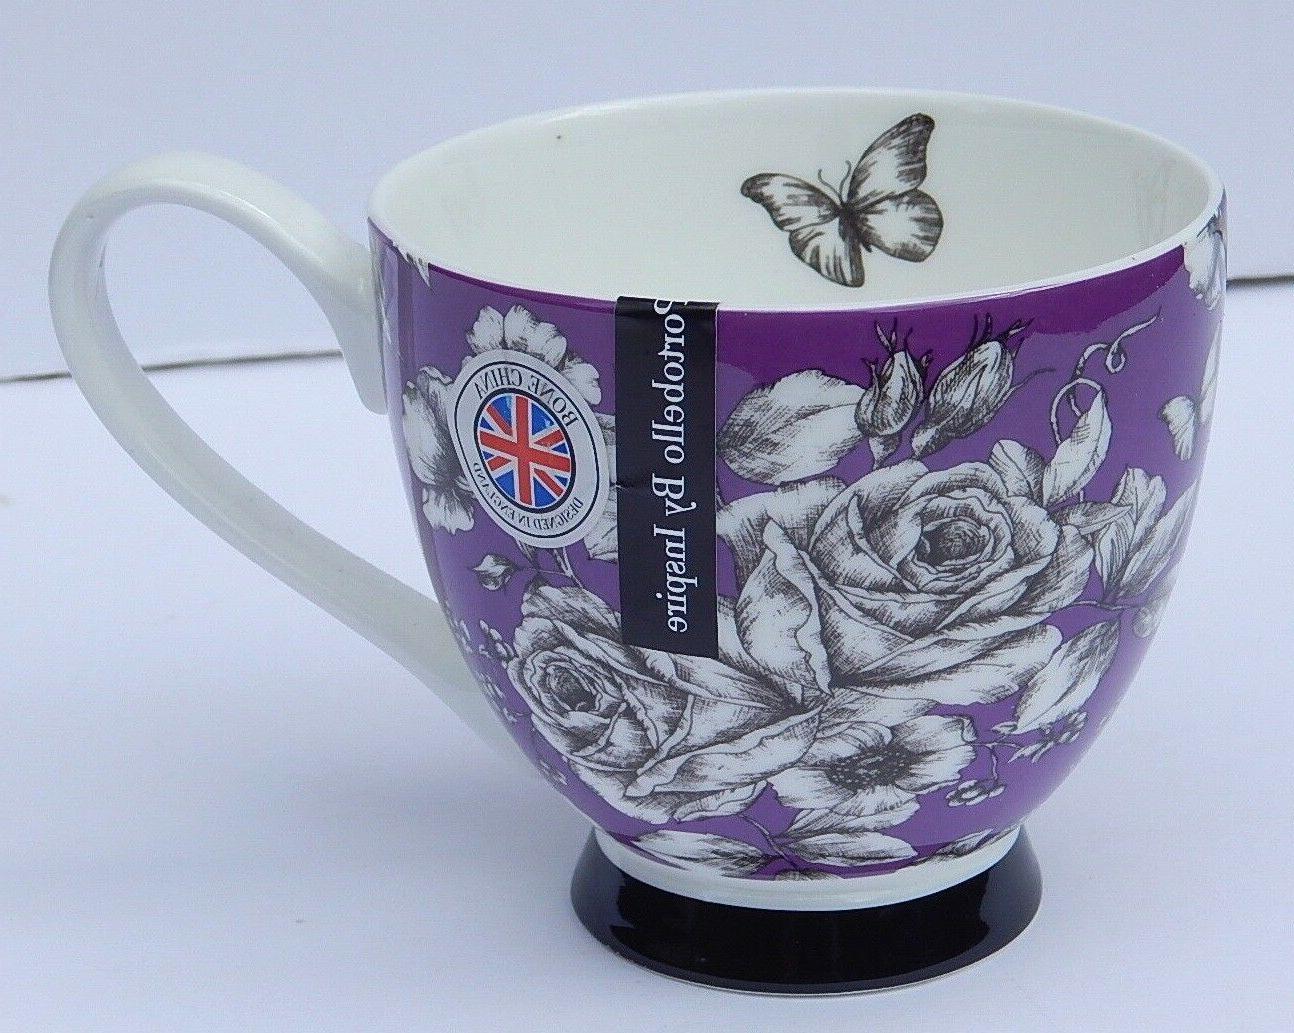 PORTOBELLO INSPIRE BONE CHINA PURPLE F COFFEE DESIGN ENGLAND